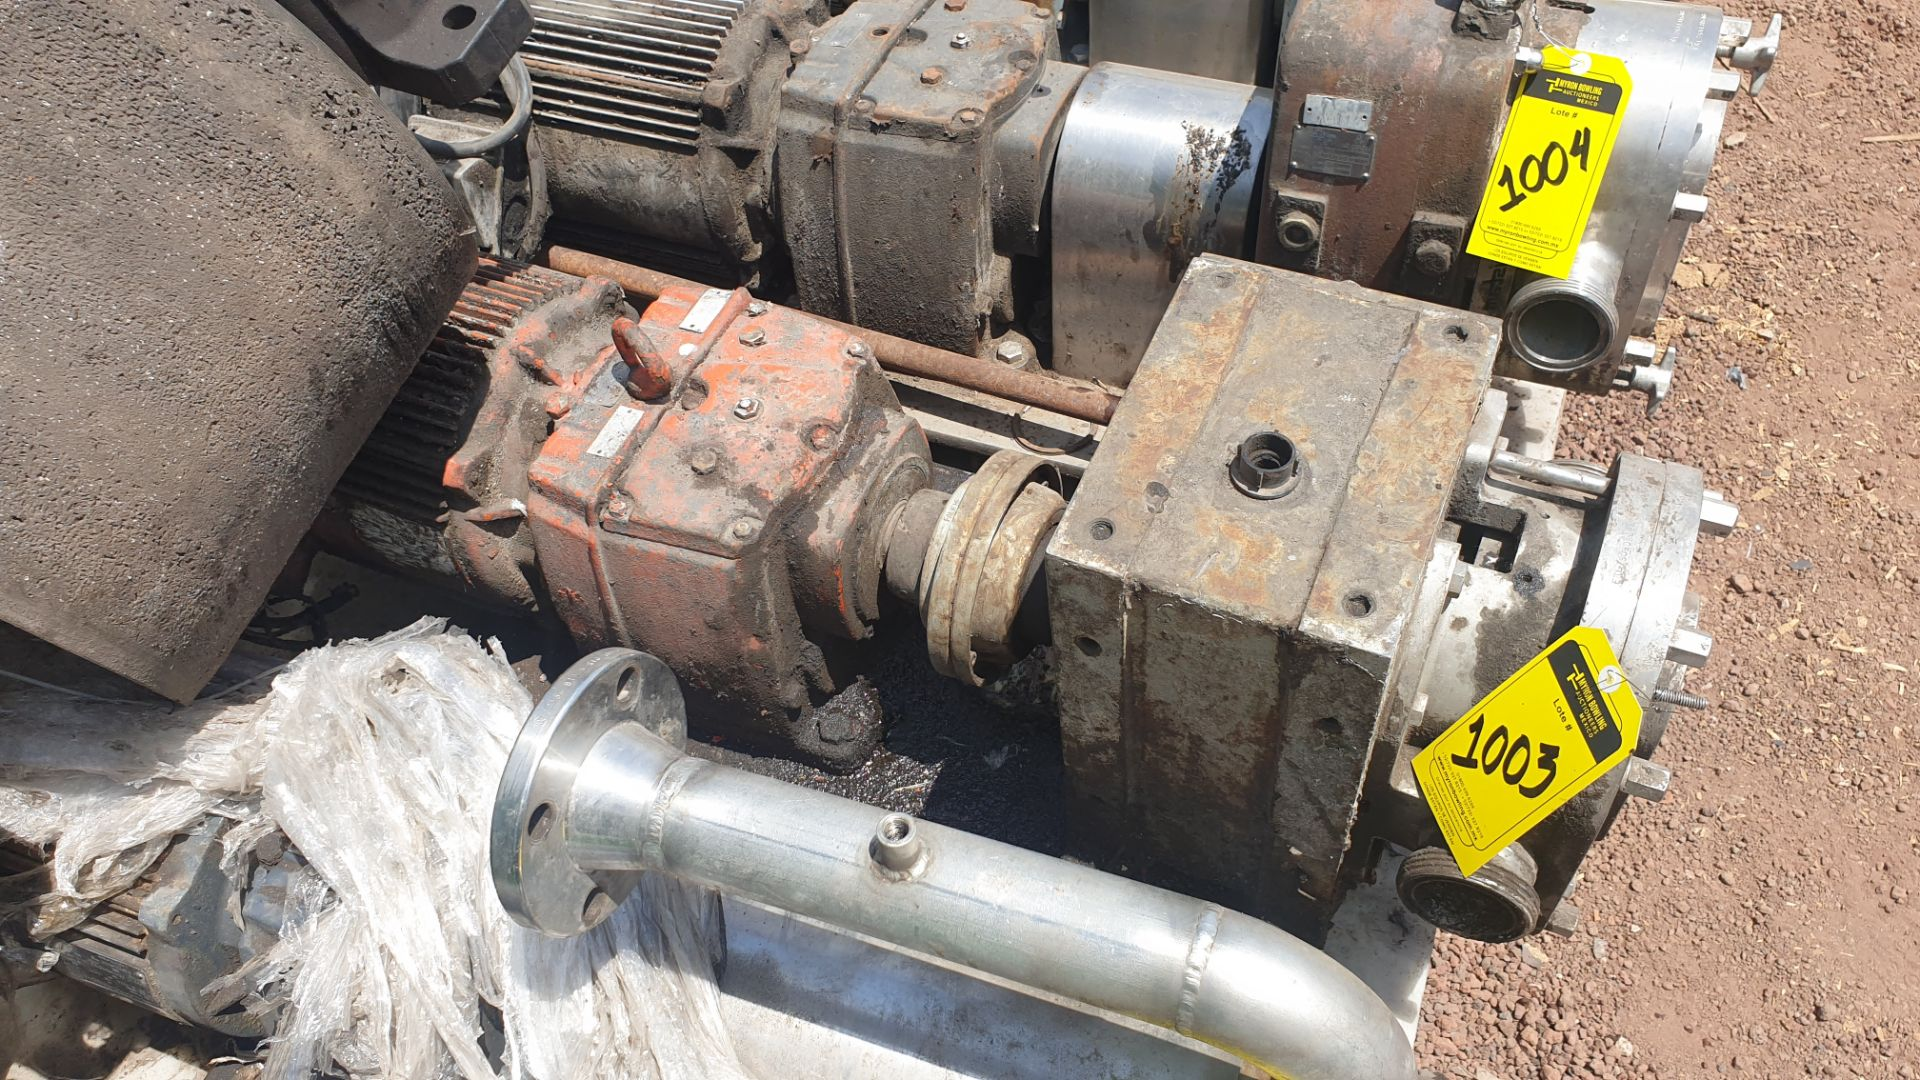 Fristam Lobe pump, includes emerson motor capacity 15HP 230v -460v - Image 5 of 6